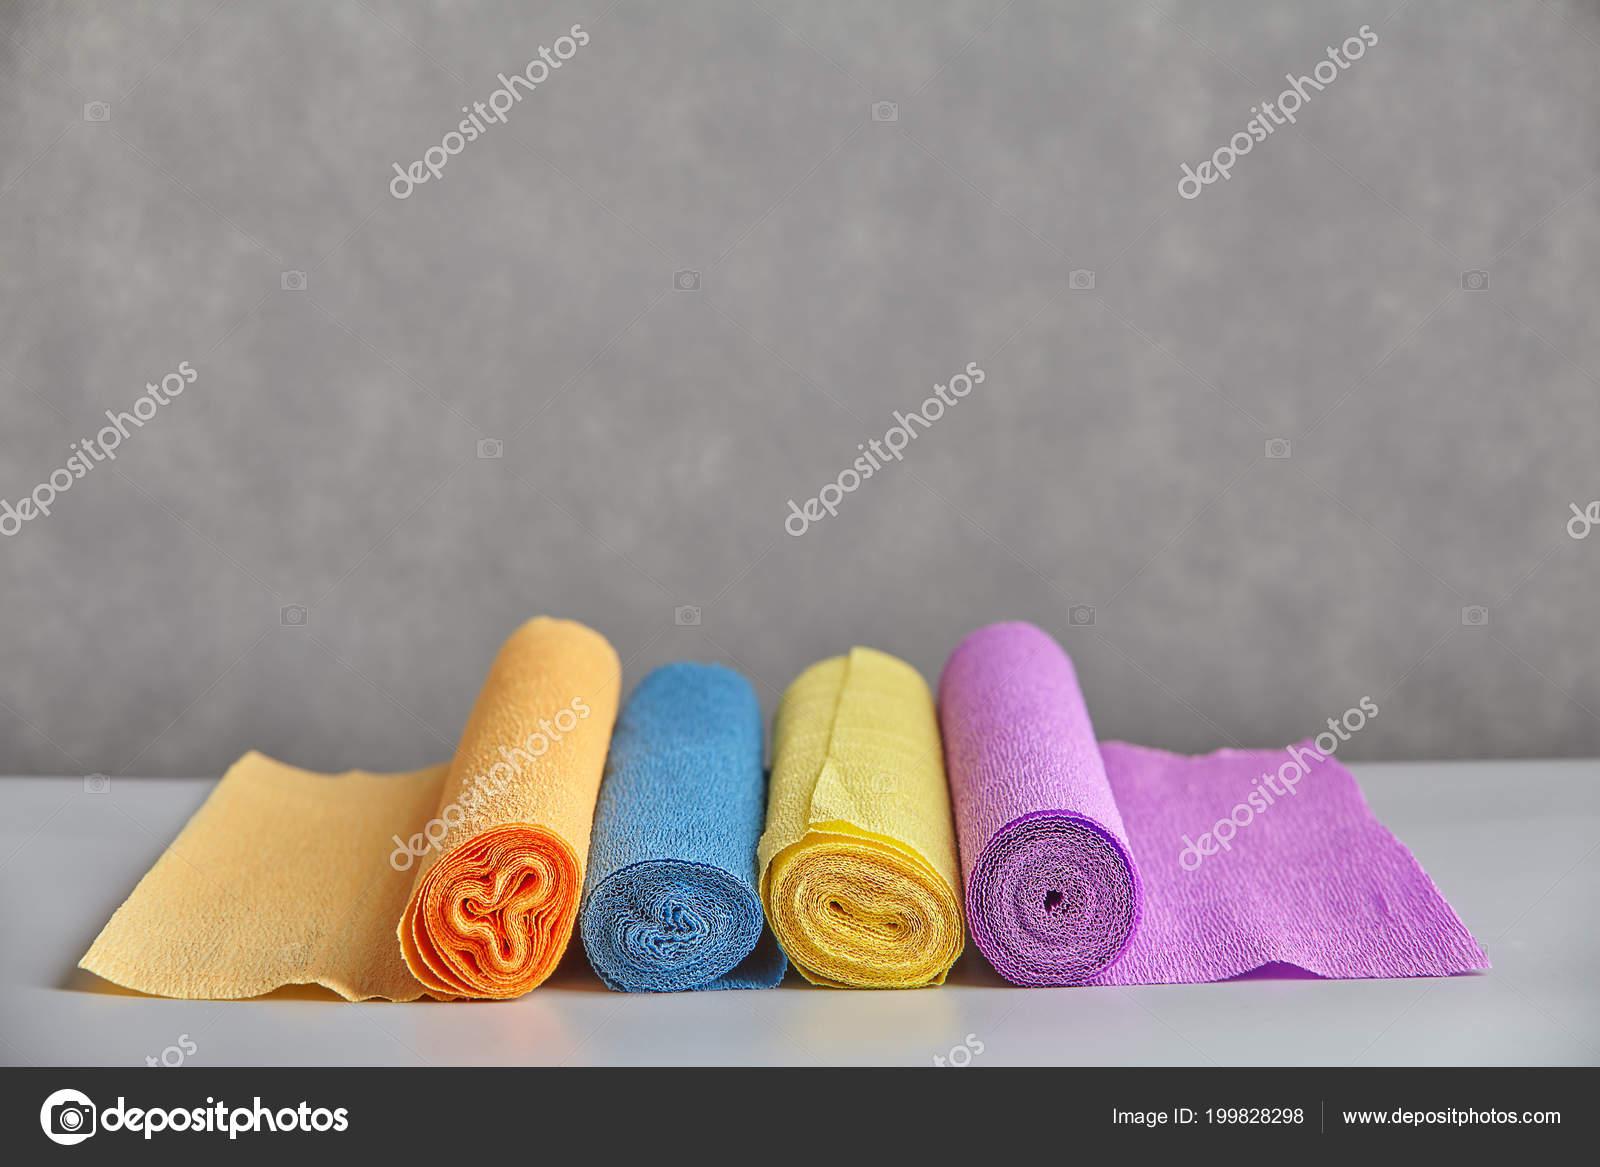 Rotoli Di Carta Colorata : Reticolo spirale estremità carta colorata intrecciati rotolo